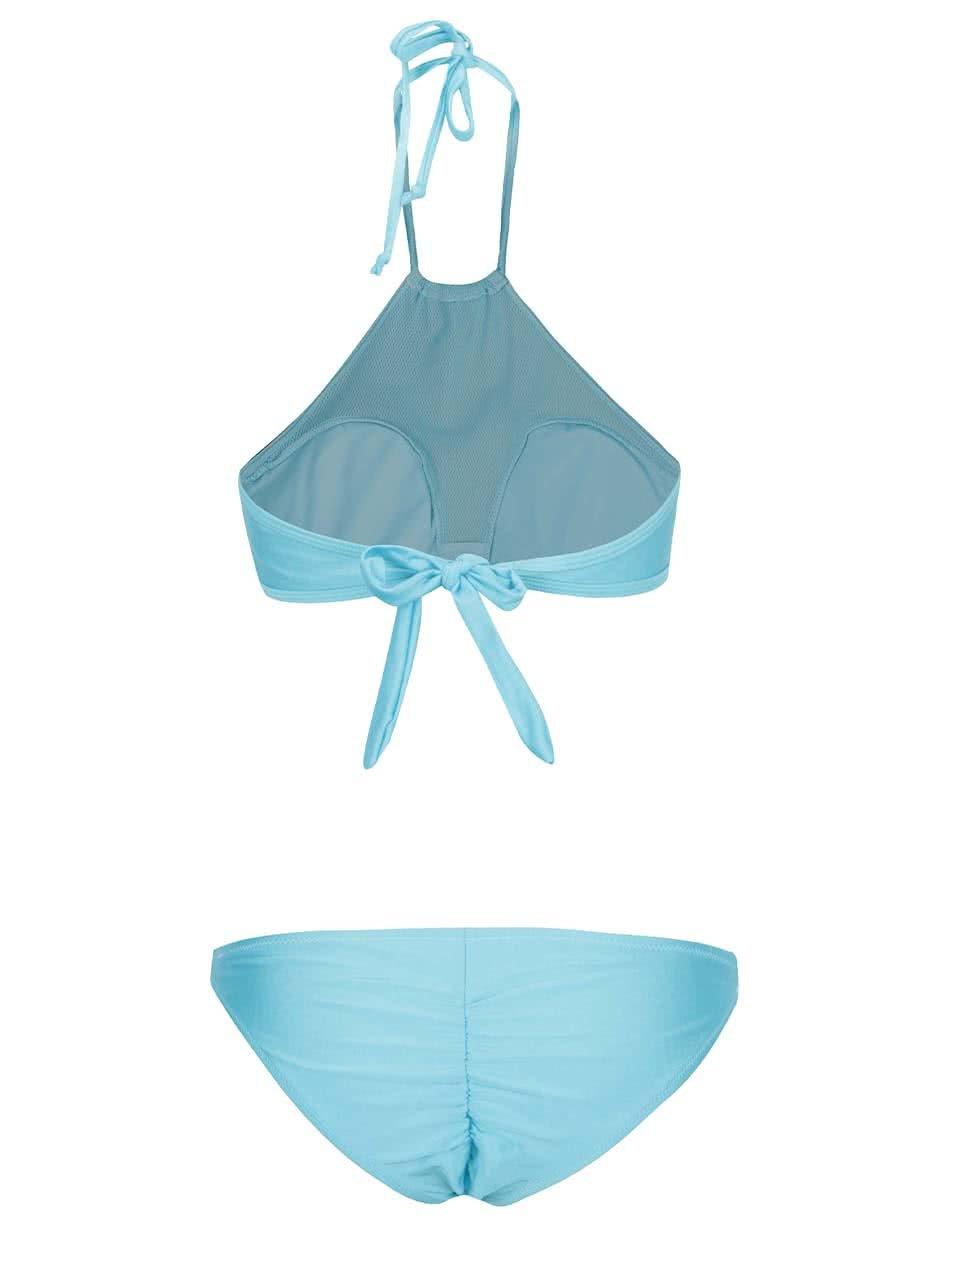 f4179aaab51 Světle modré dvoudílné plavky se síťovanými detaily Relleciga ...